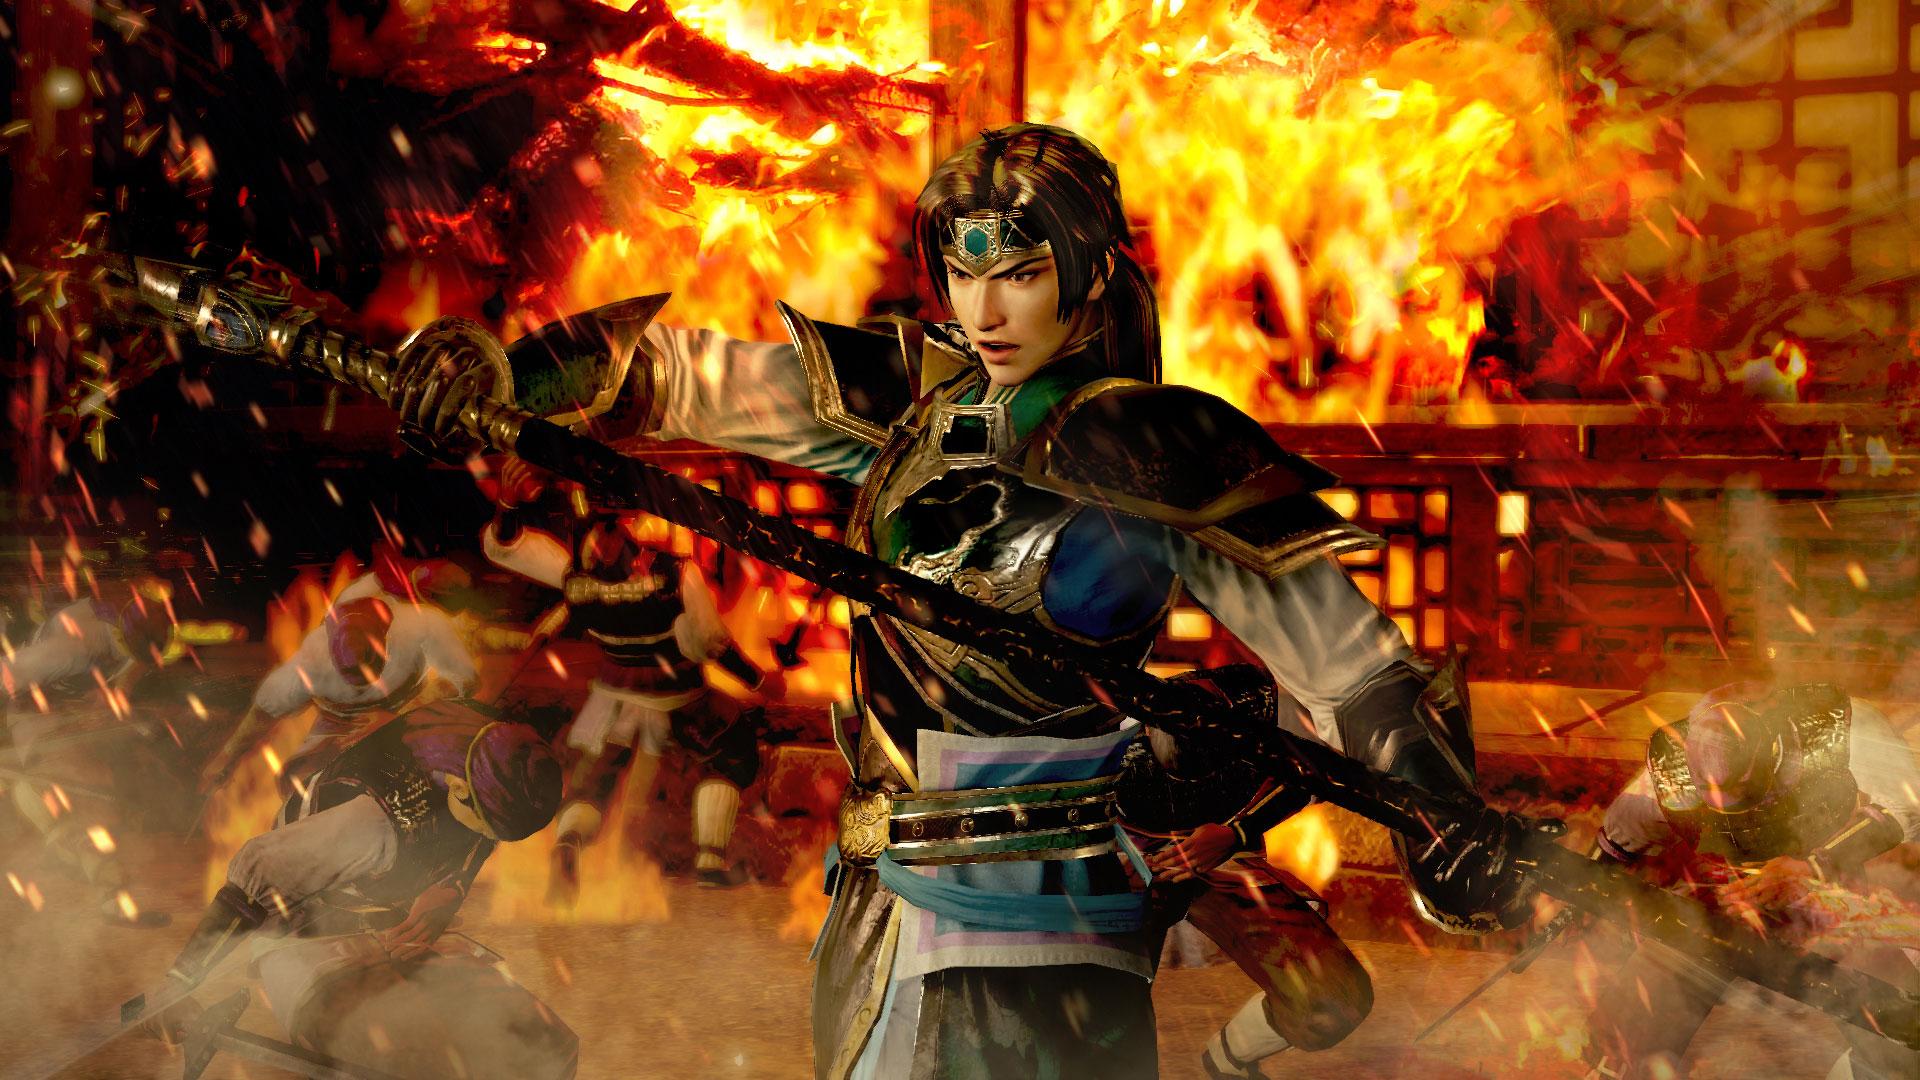 『真・三國無双7 with 猛将伝』、PS4版のスクリーンショットを公開